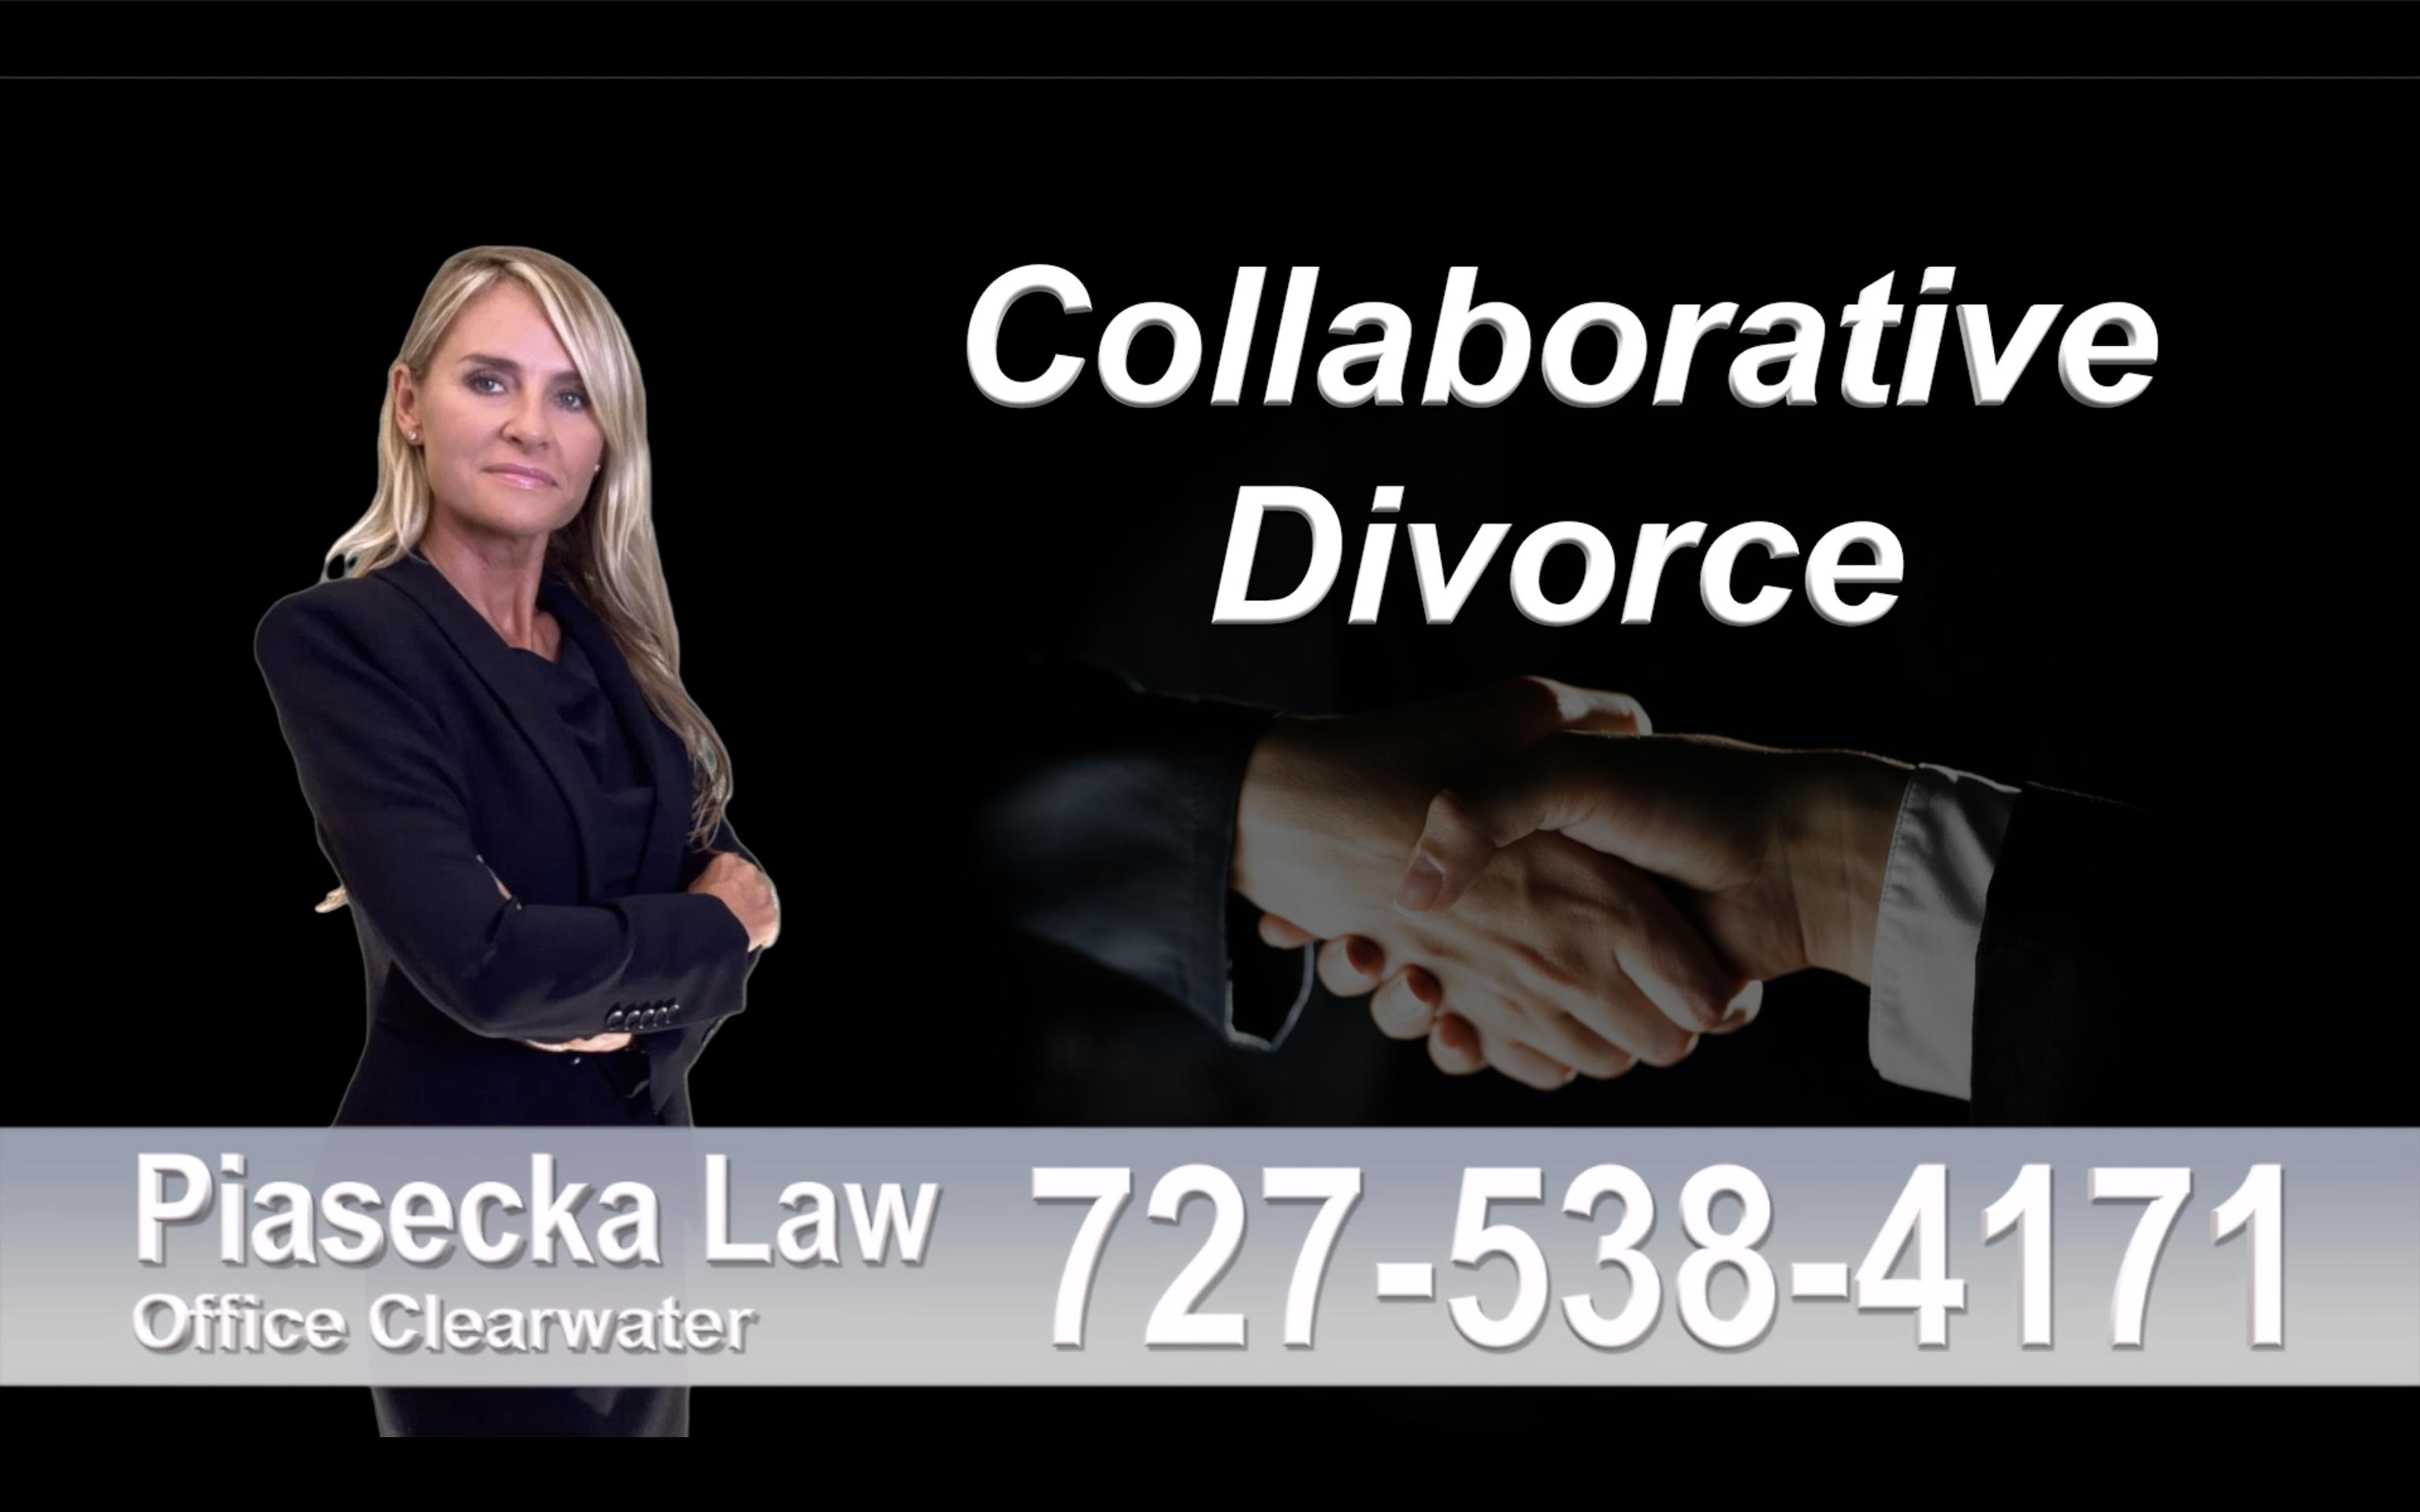 Cape Coral Collaborative, Divorce, Attorney, Agnieszka, Piasecka, Prawnik, Rozwodowy, Rozwód, Adwokat, rozwodowy, Najlepszy, Best, Collaborative, Divorce, Lawyers